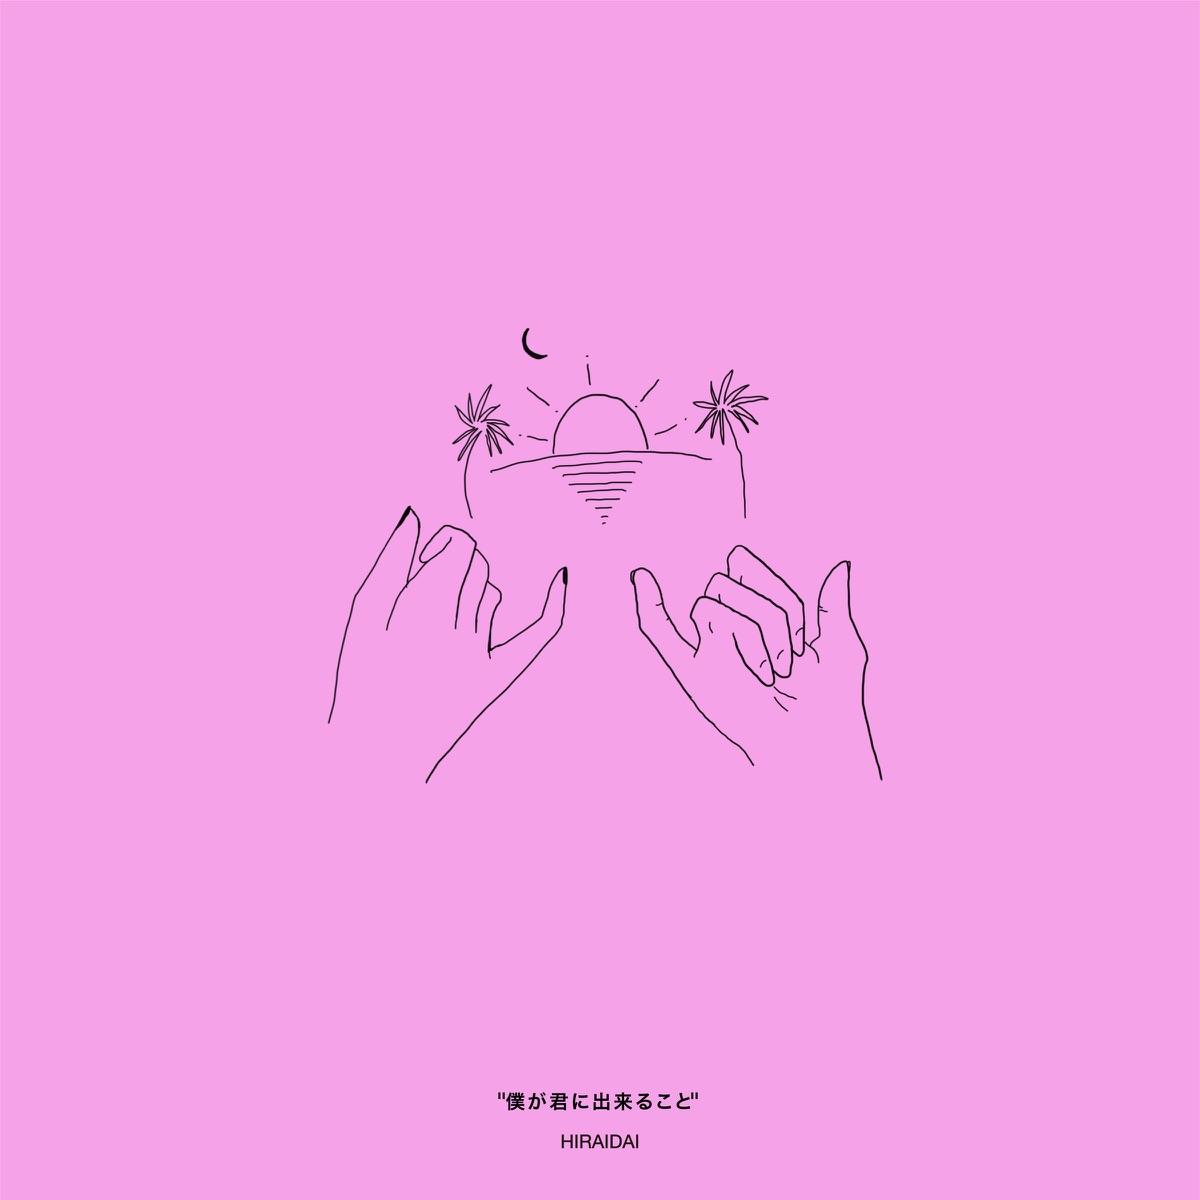 『平井大 - 僕が君に出来ること』収録の『僕が君に出来ること』ジャケット